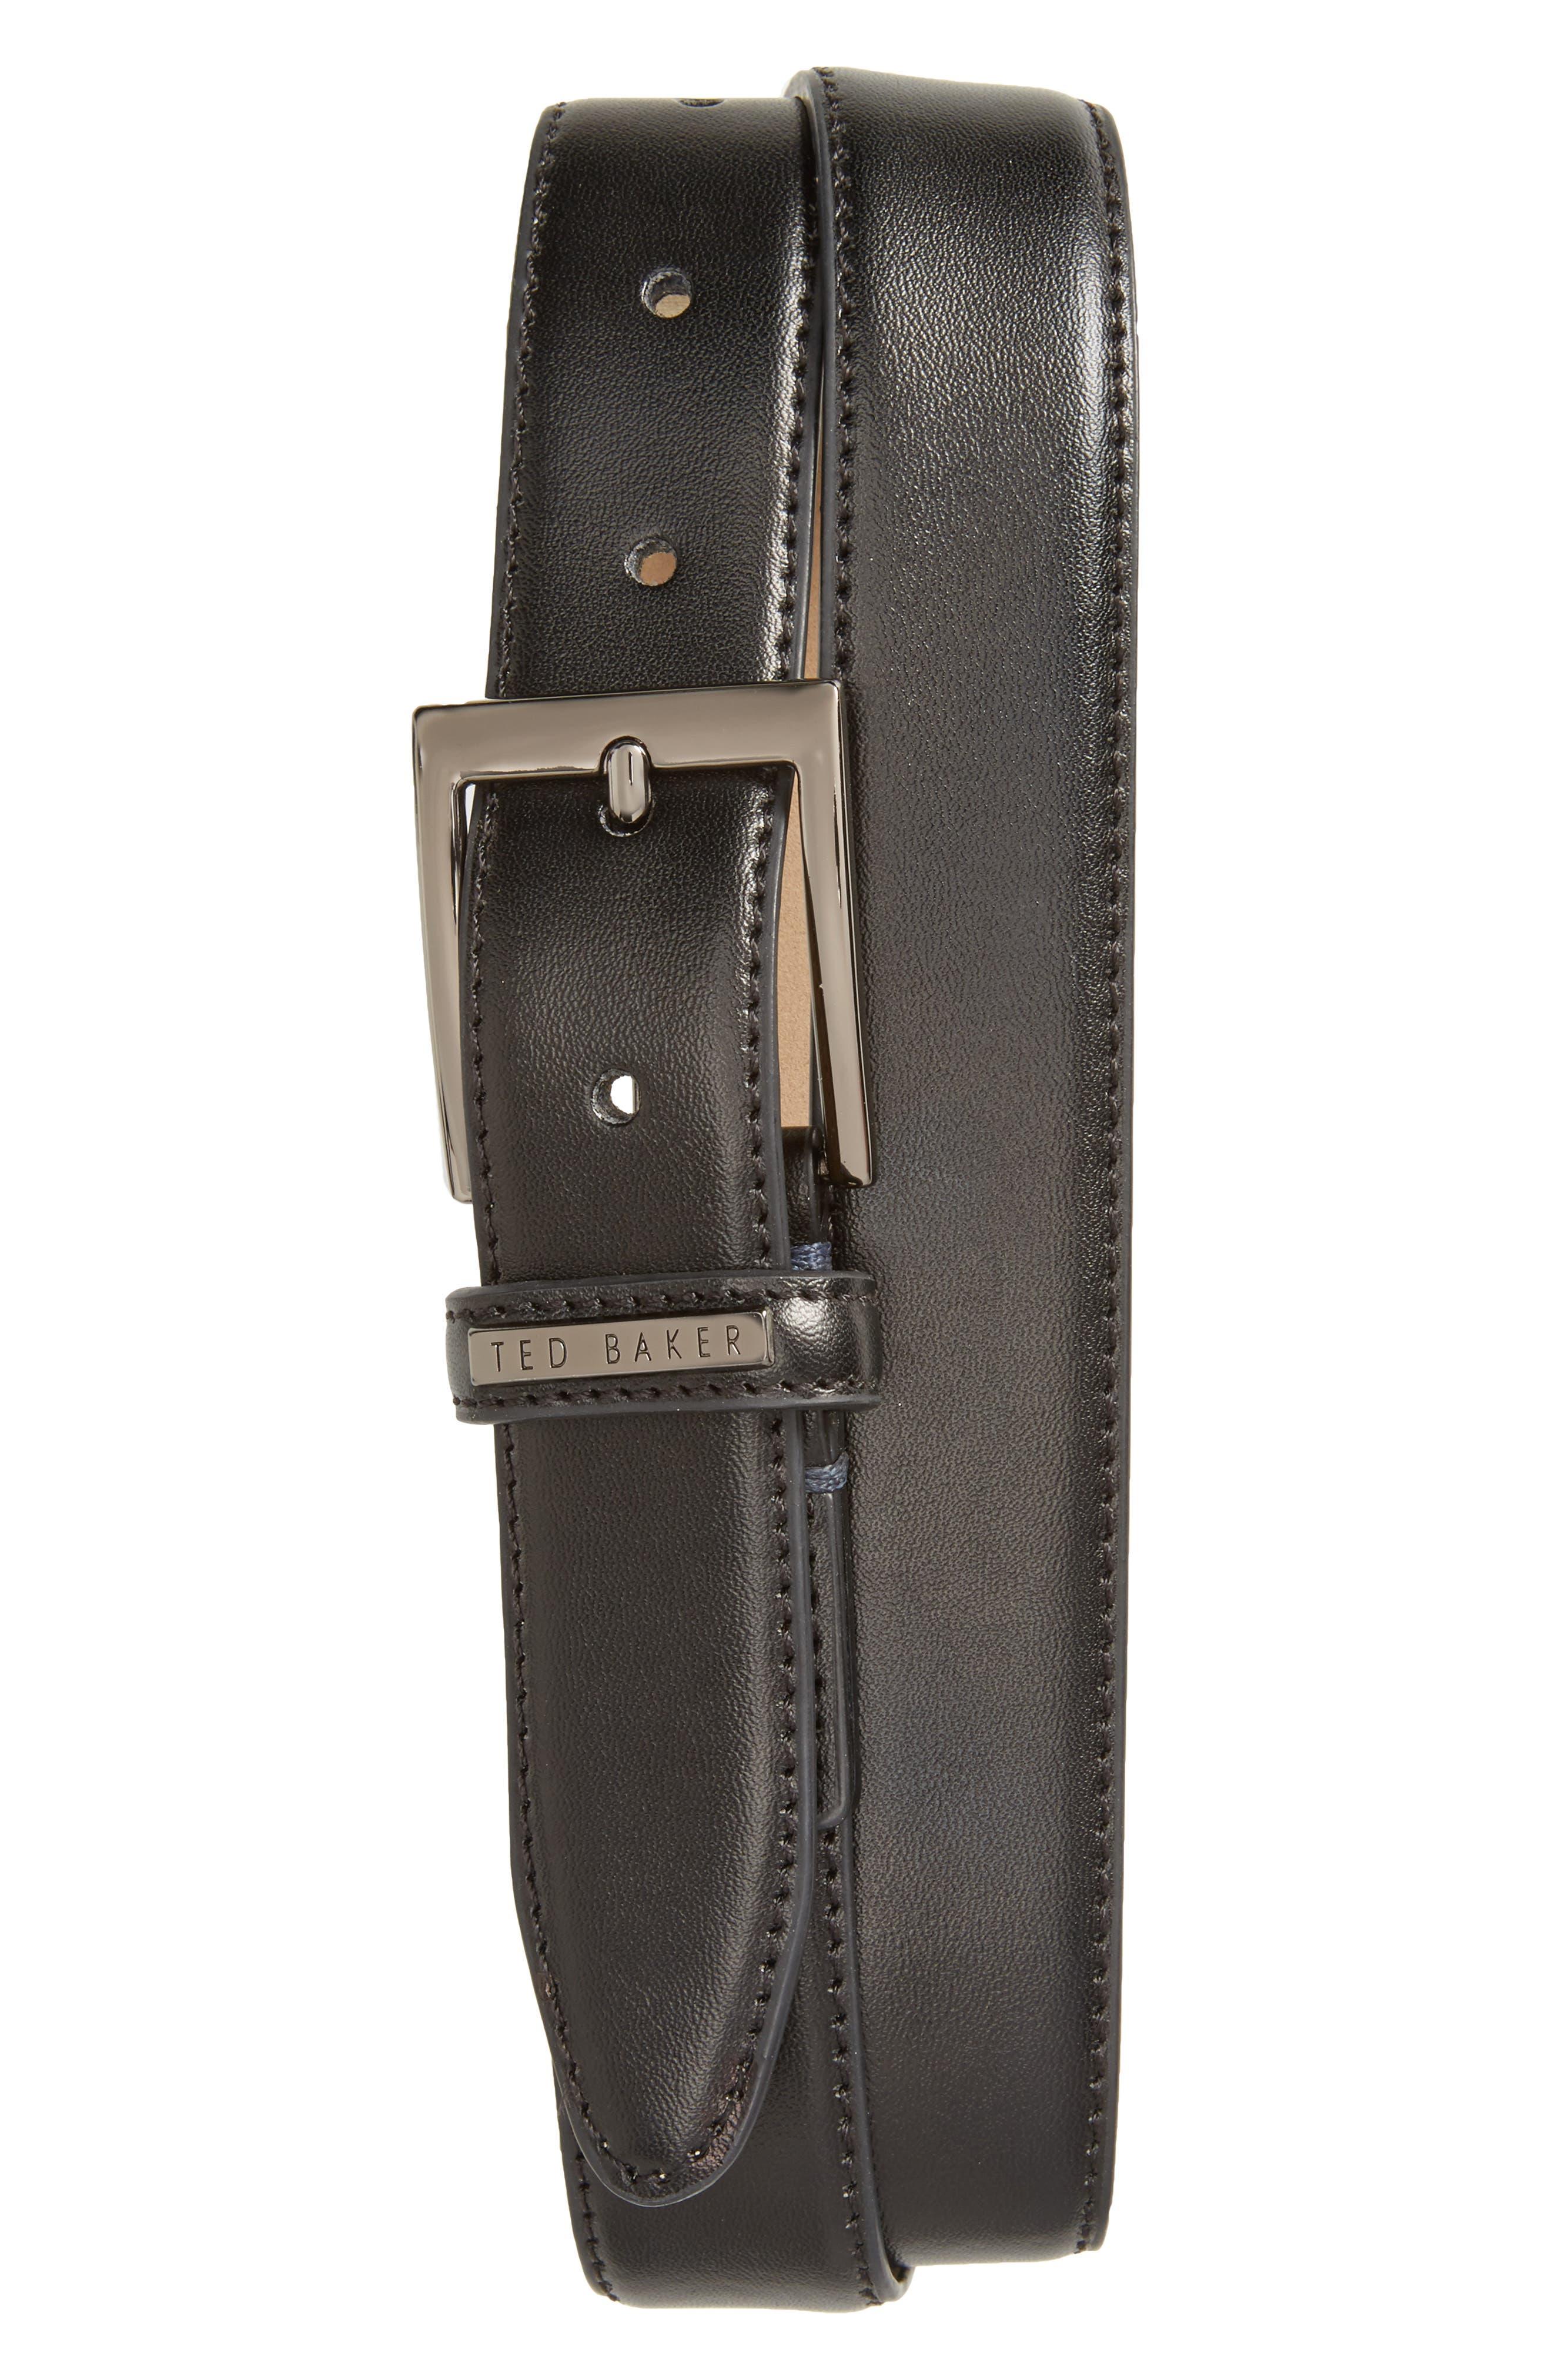 TED BAKER LONDON Lizwiz Leather Belt